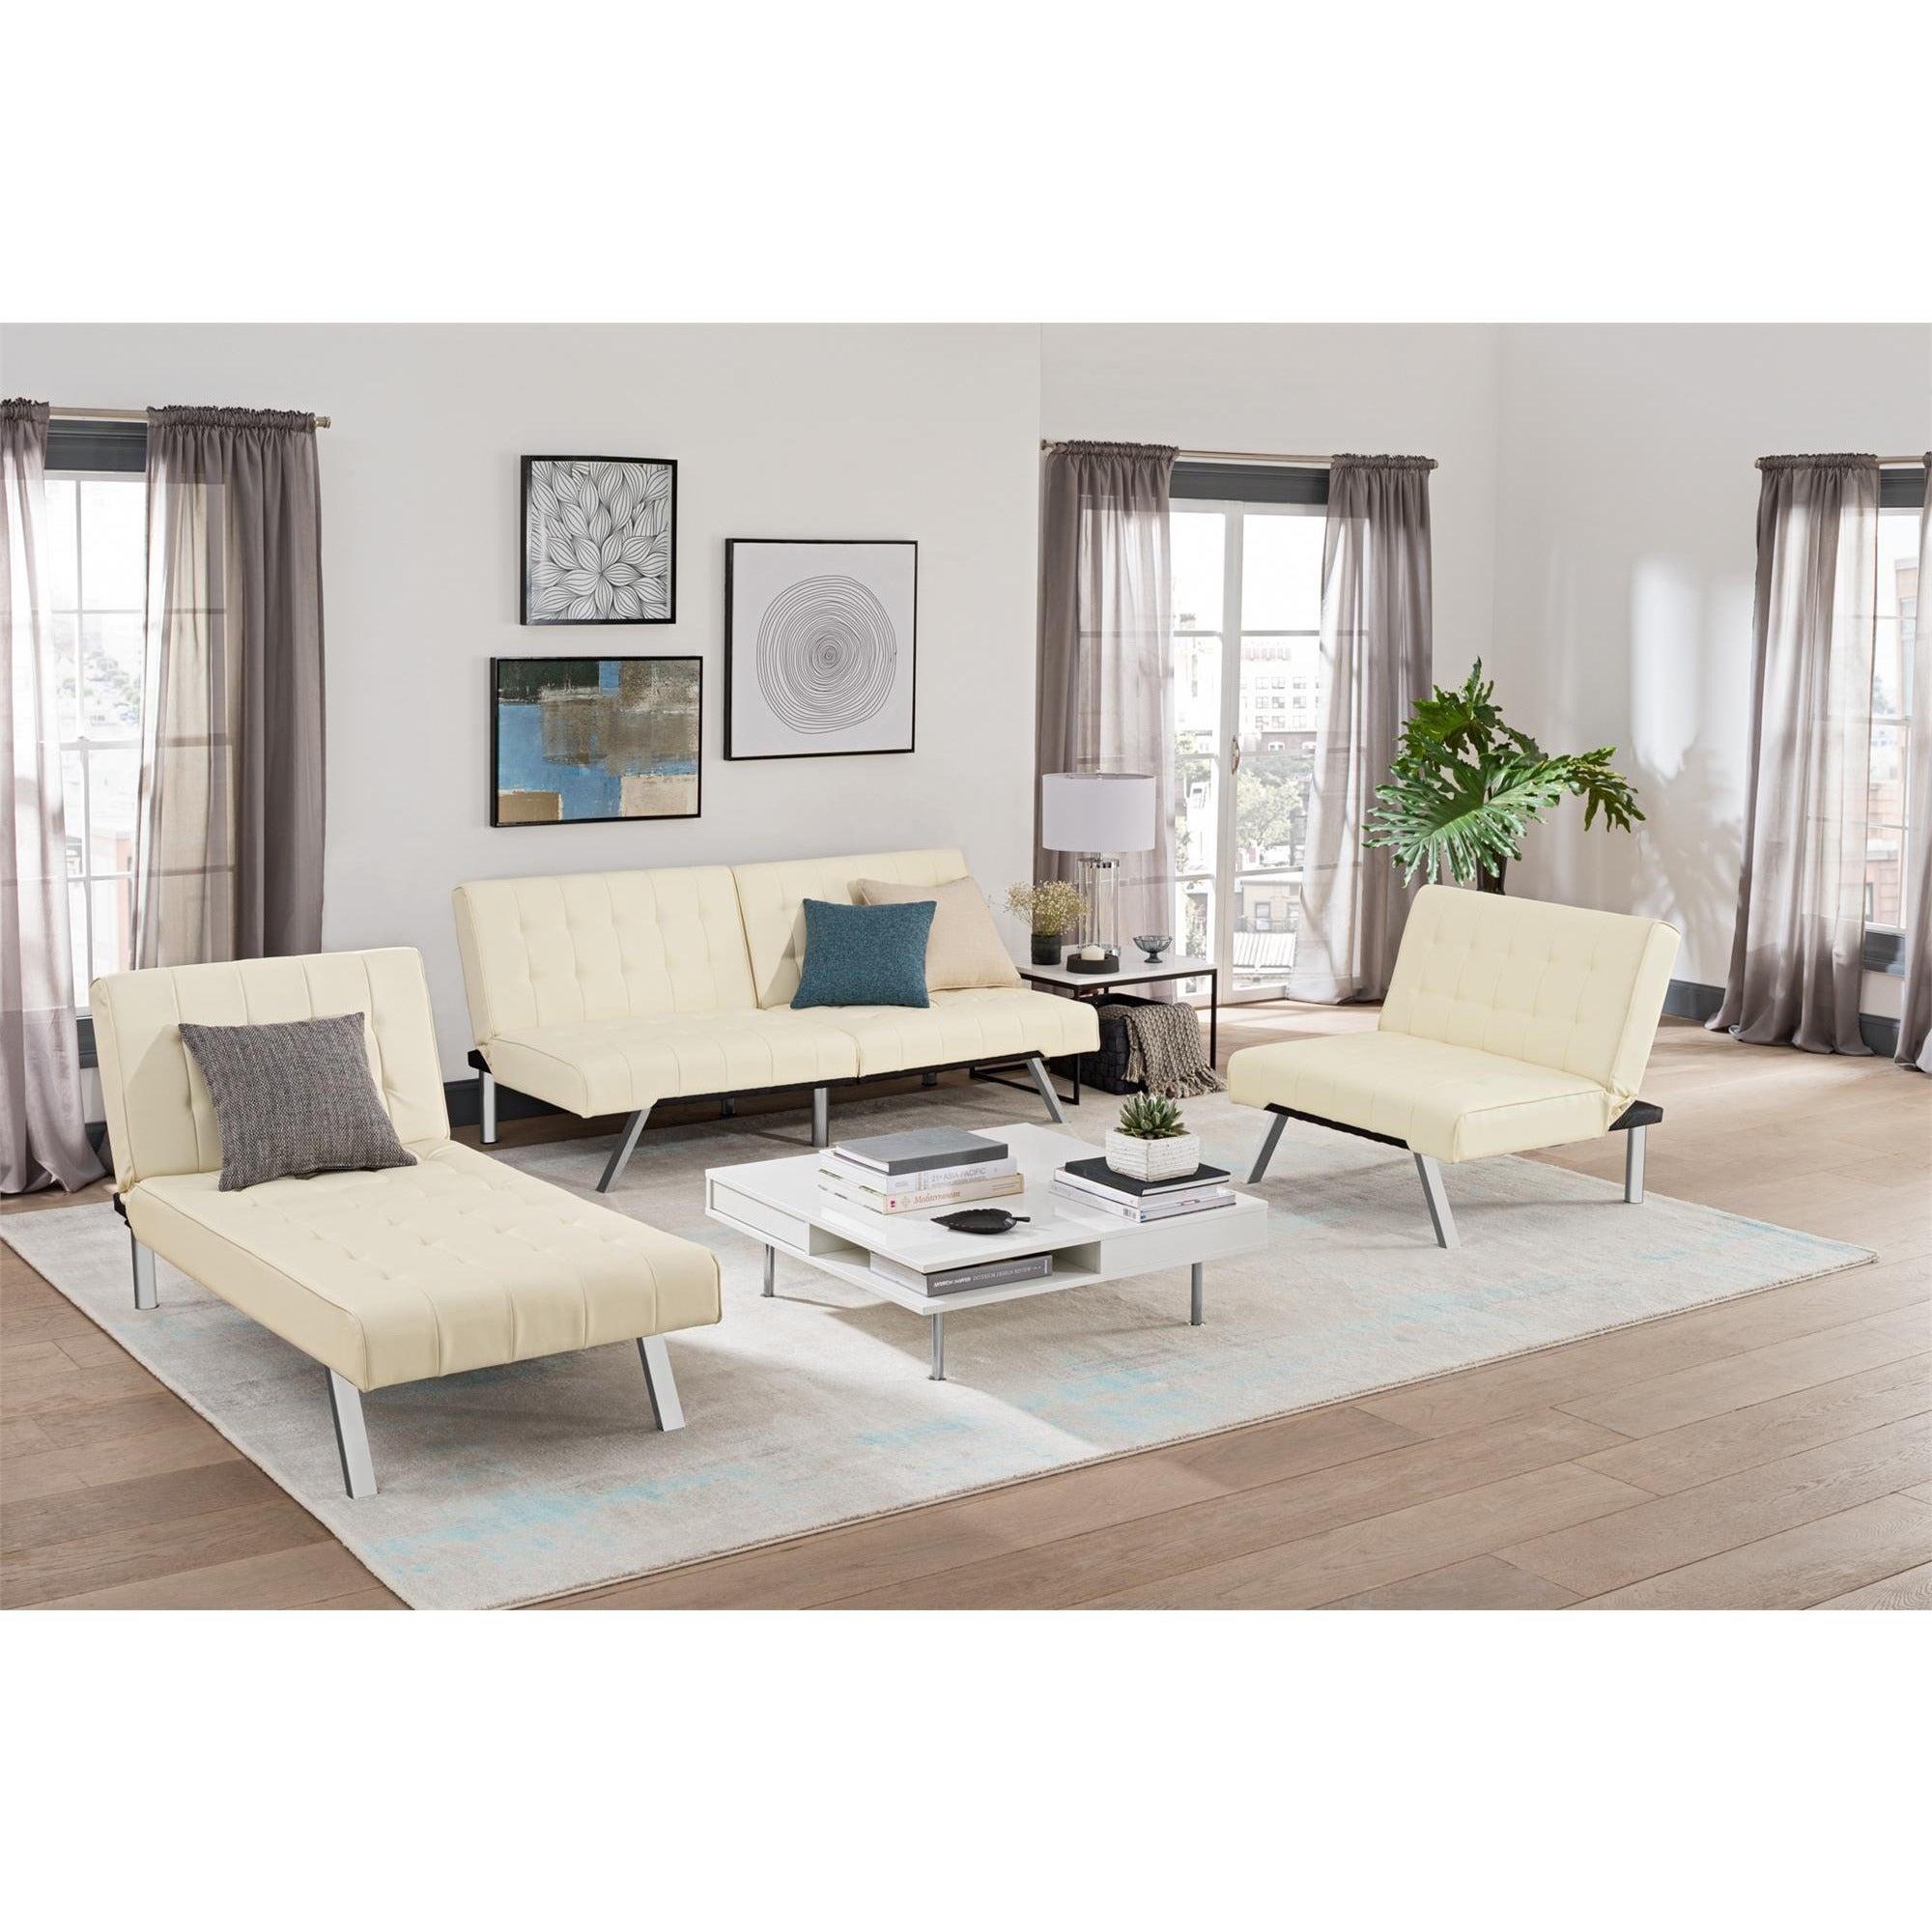 Clay Alder Home Isleton White Convertible Futon - Free Shipping ...